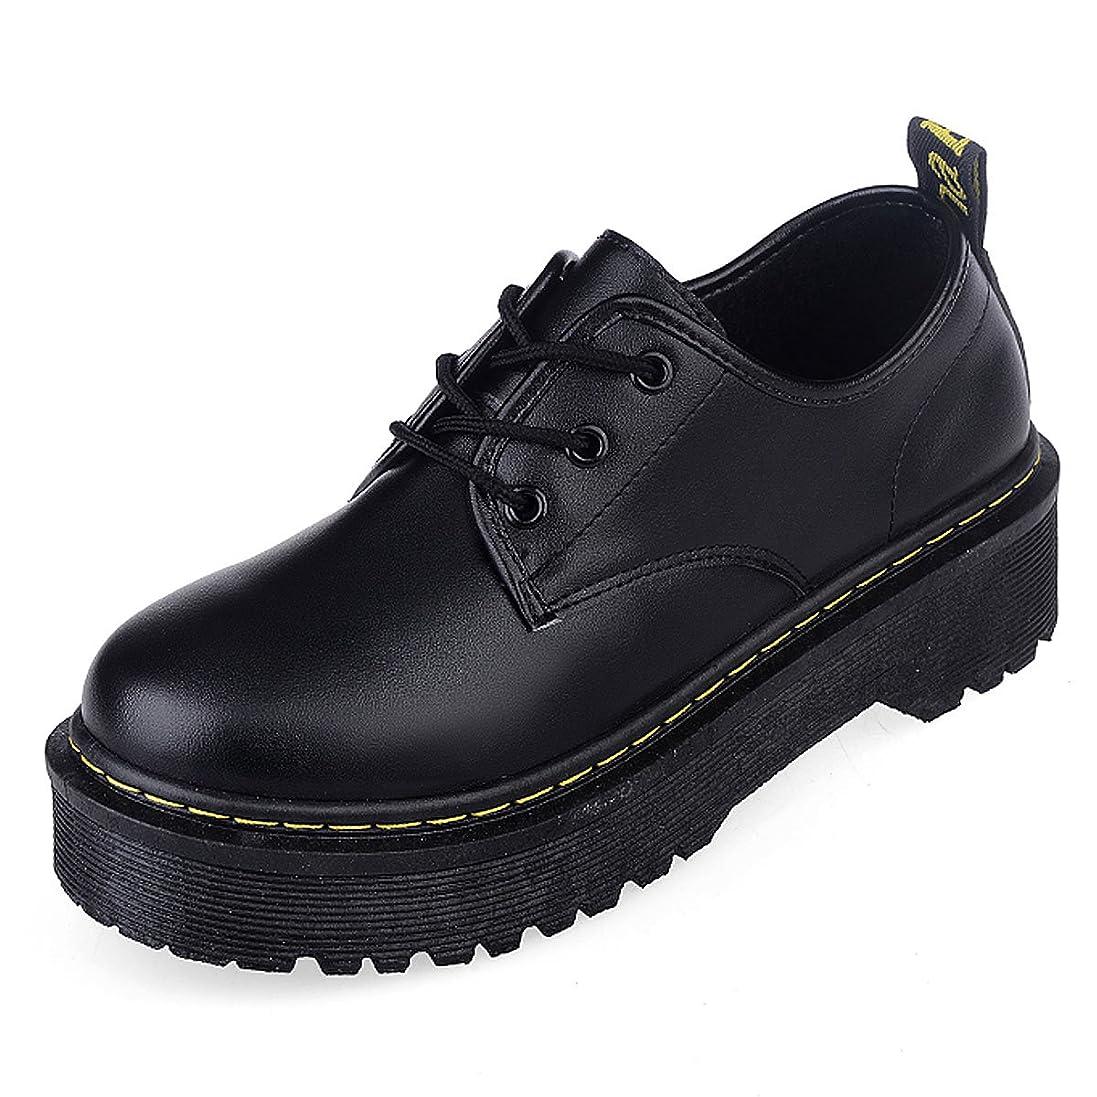 銃爆発するクローゼット[CHNHIRA]レディース 厚底靴 皮靴 パンプス 履きやすい フラット 身長アップ ひも ブラック PUエナメル調